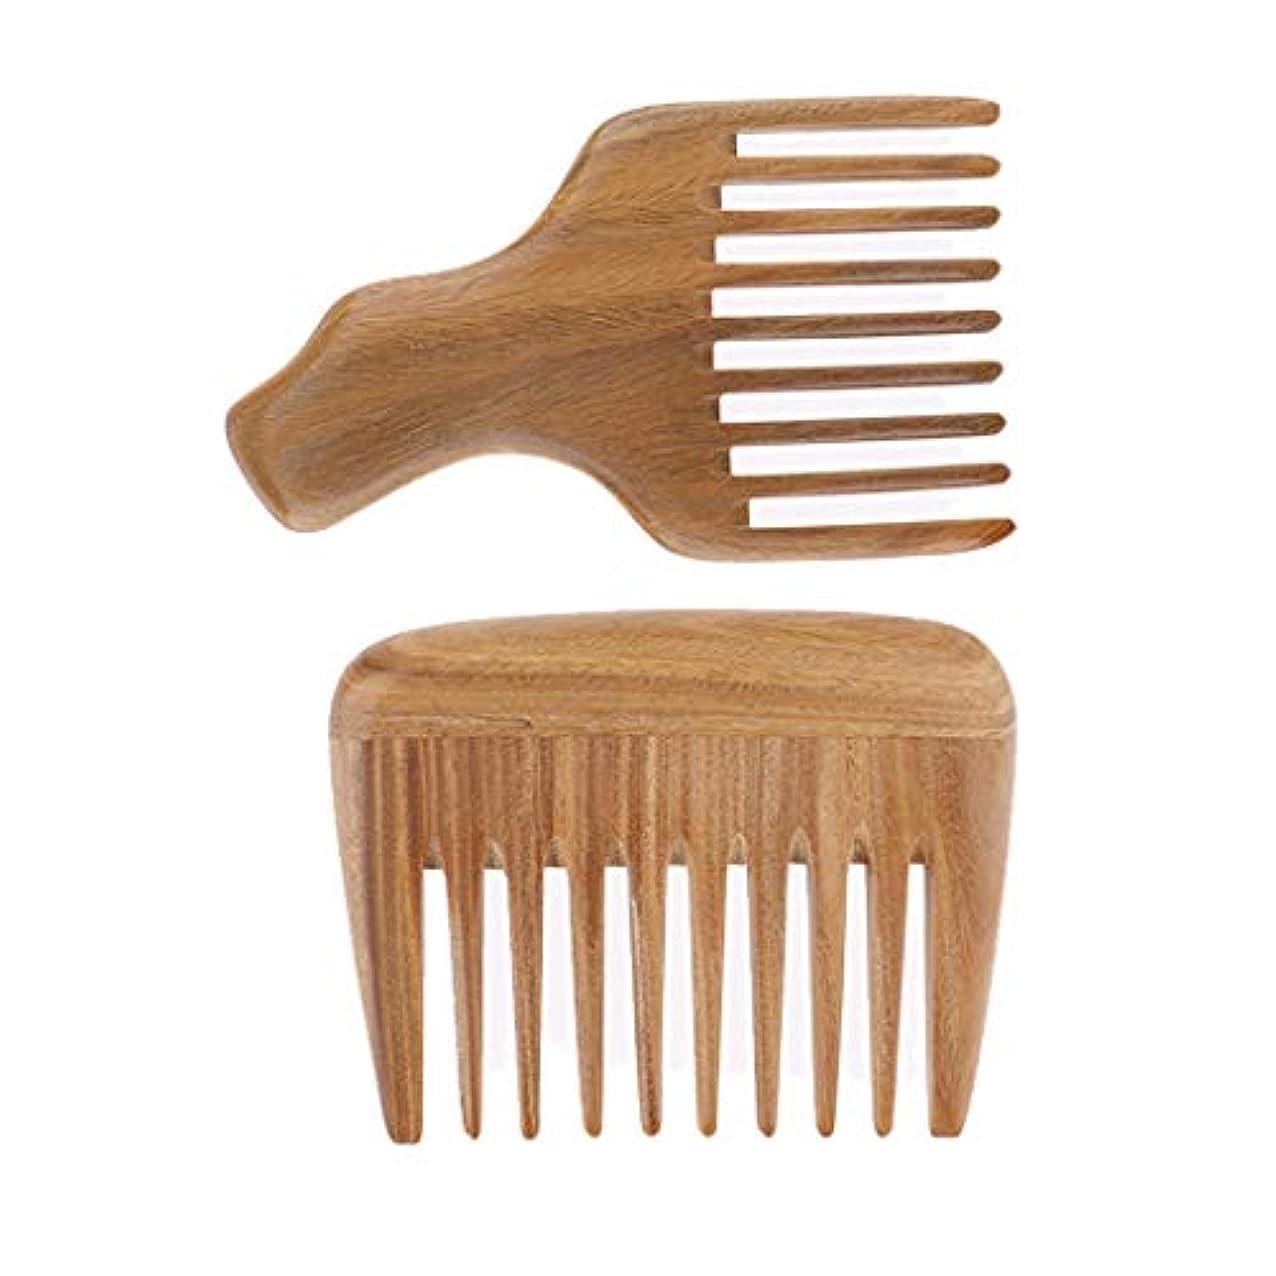 ゼリーガイドテクニカルヘアブラシ ヘアダイコーム 櫛 ヘアコーム 木製コーム 粗い 頭皮マッサージ ツール 2個入り